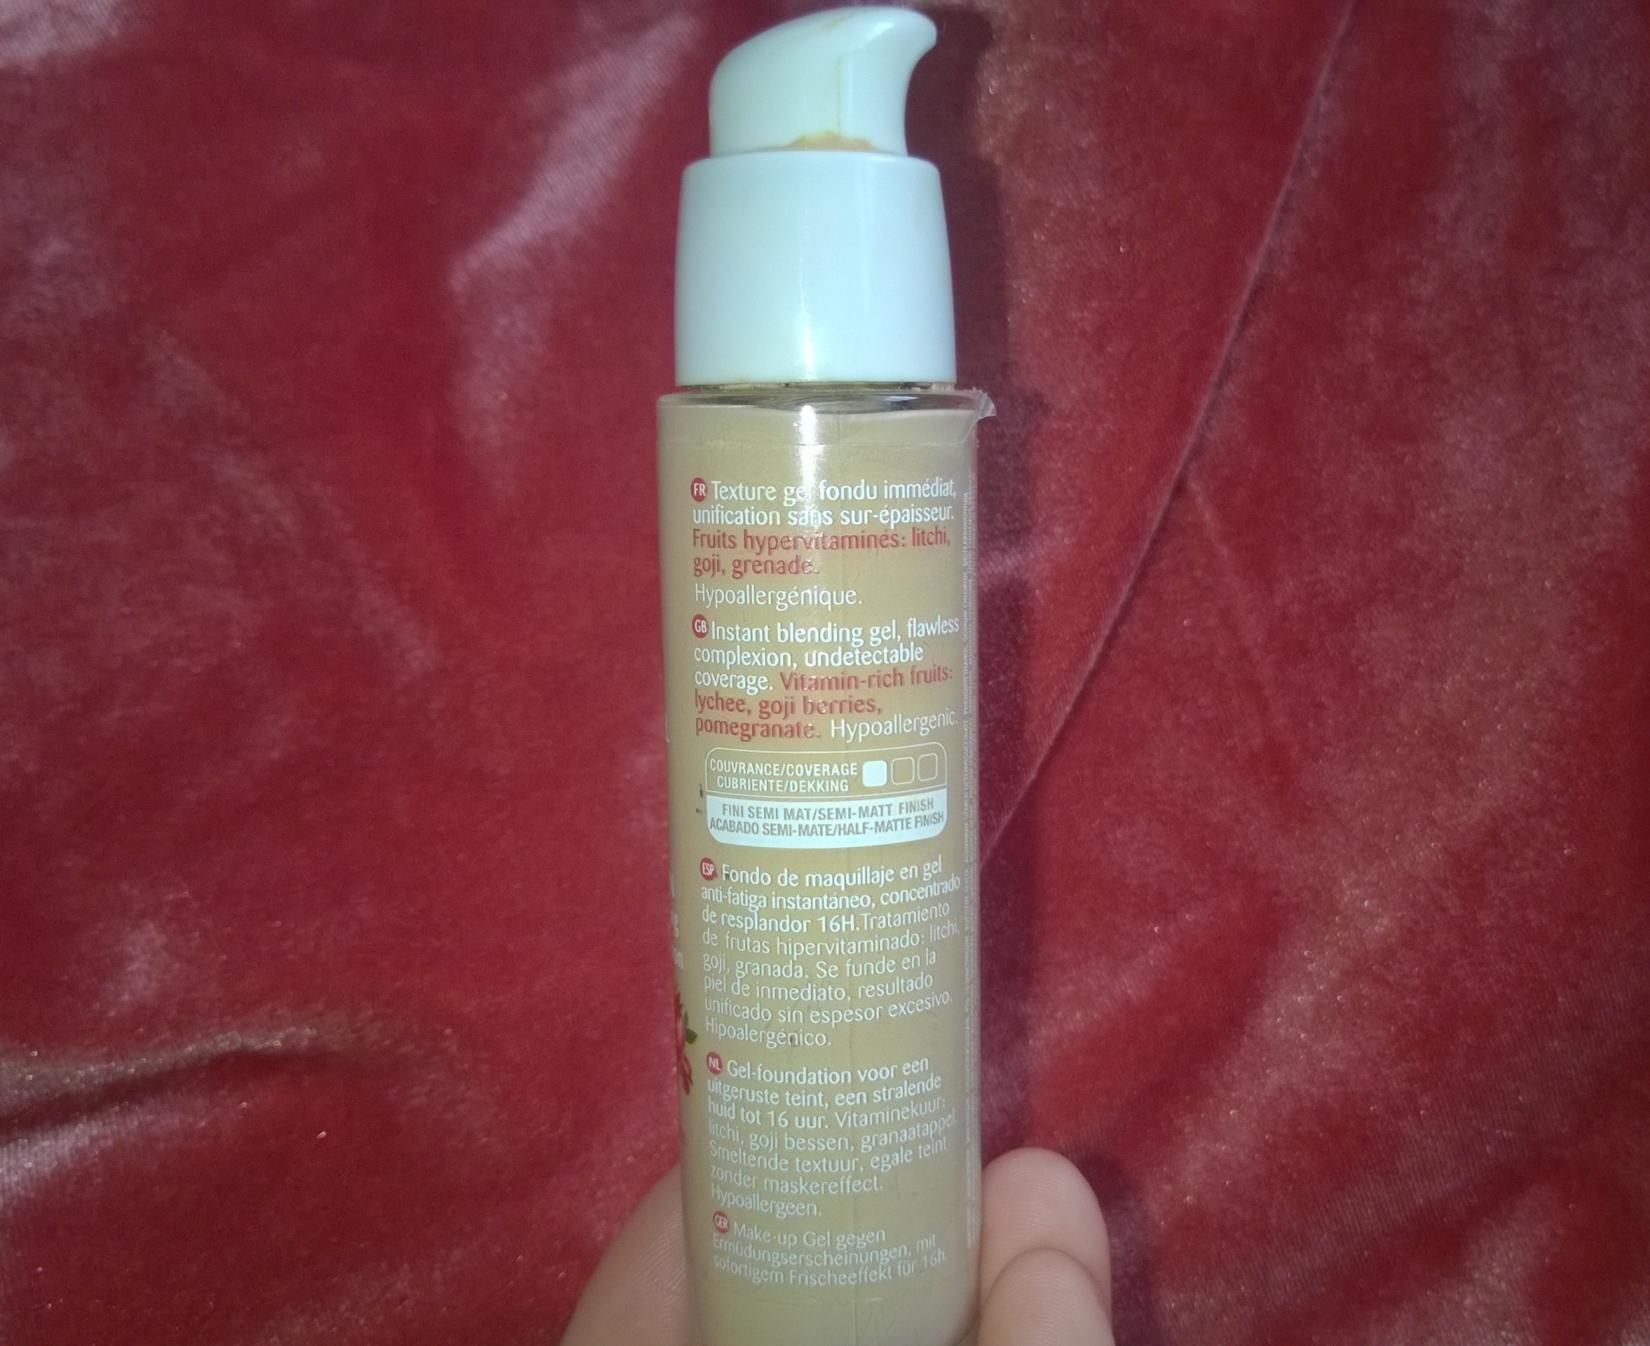 Тональный крем Bourjois Healthy Mix Serum - описание производителя